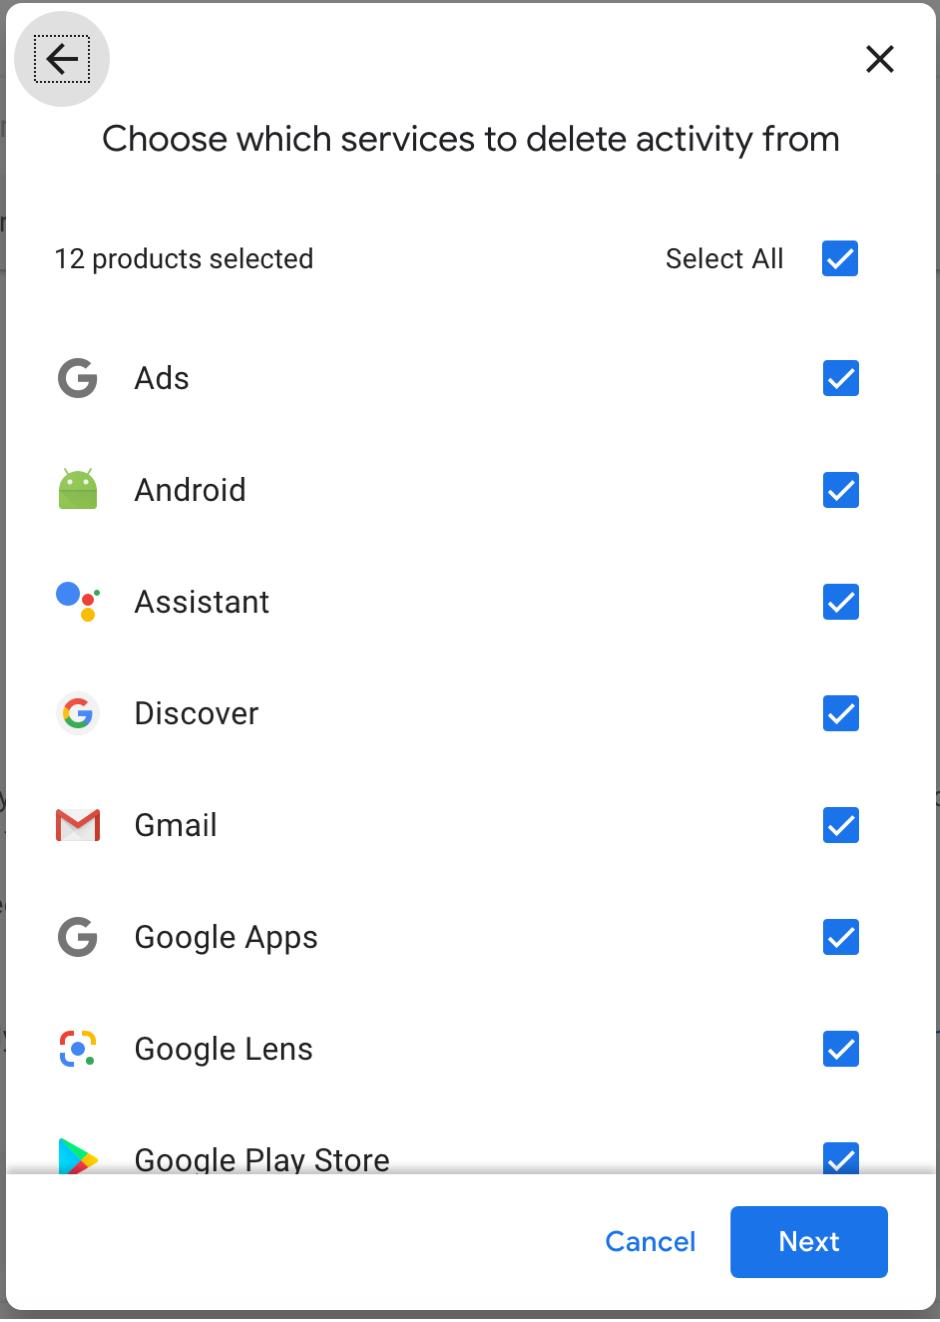 Google Delete Services